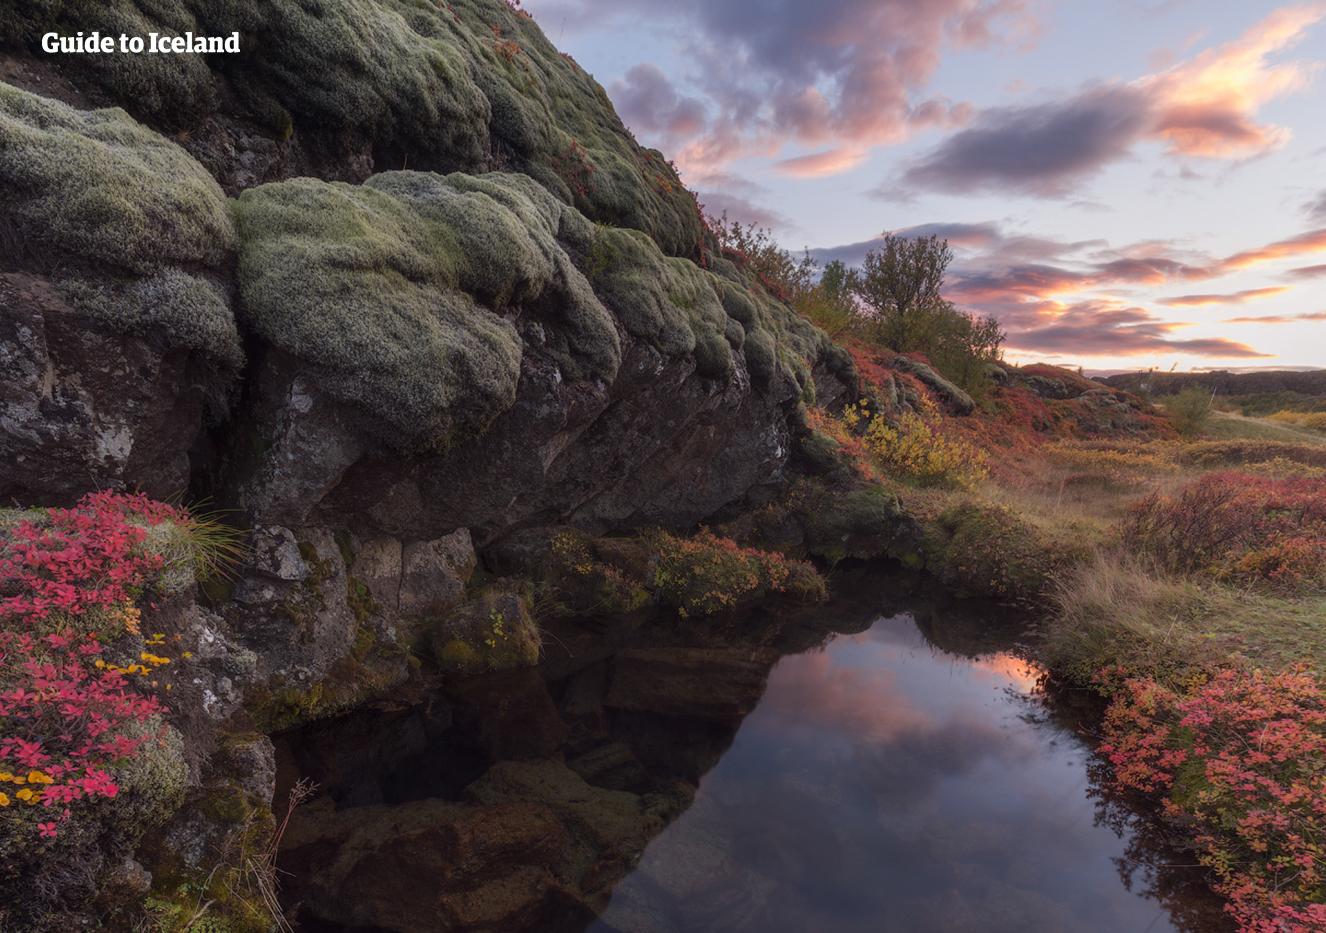 Þingvellir es un importante sitio cultural para el pueblo islandés, y a menudo se considera el lugar donde nació la nación.